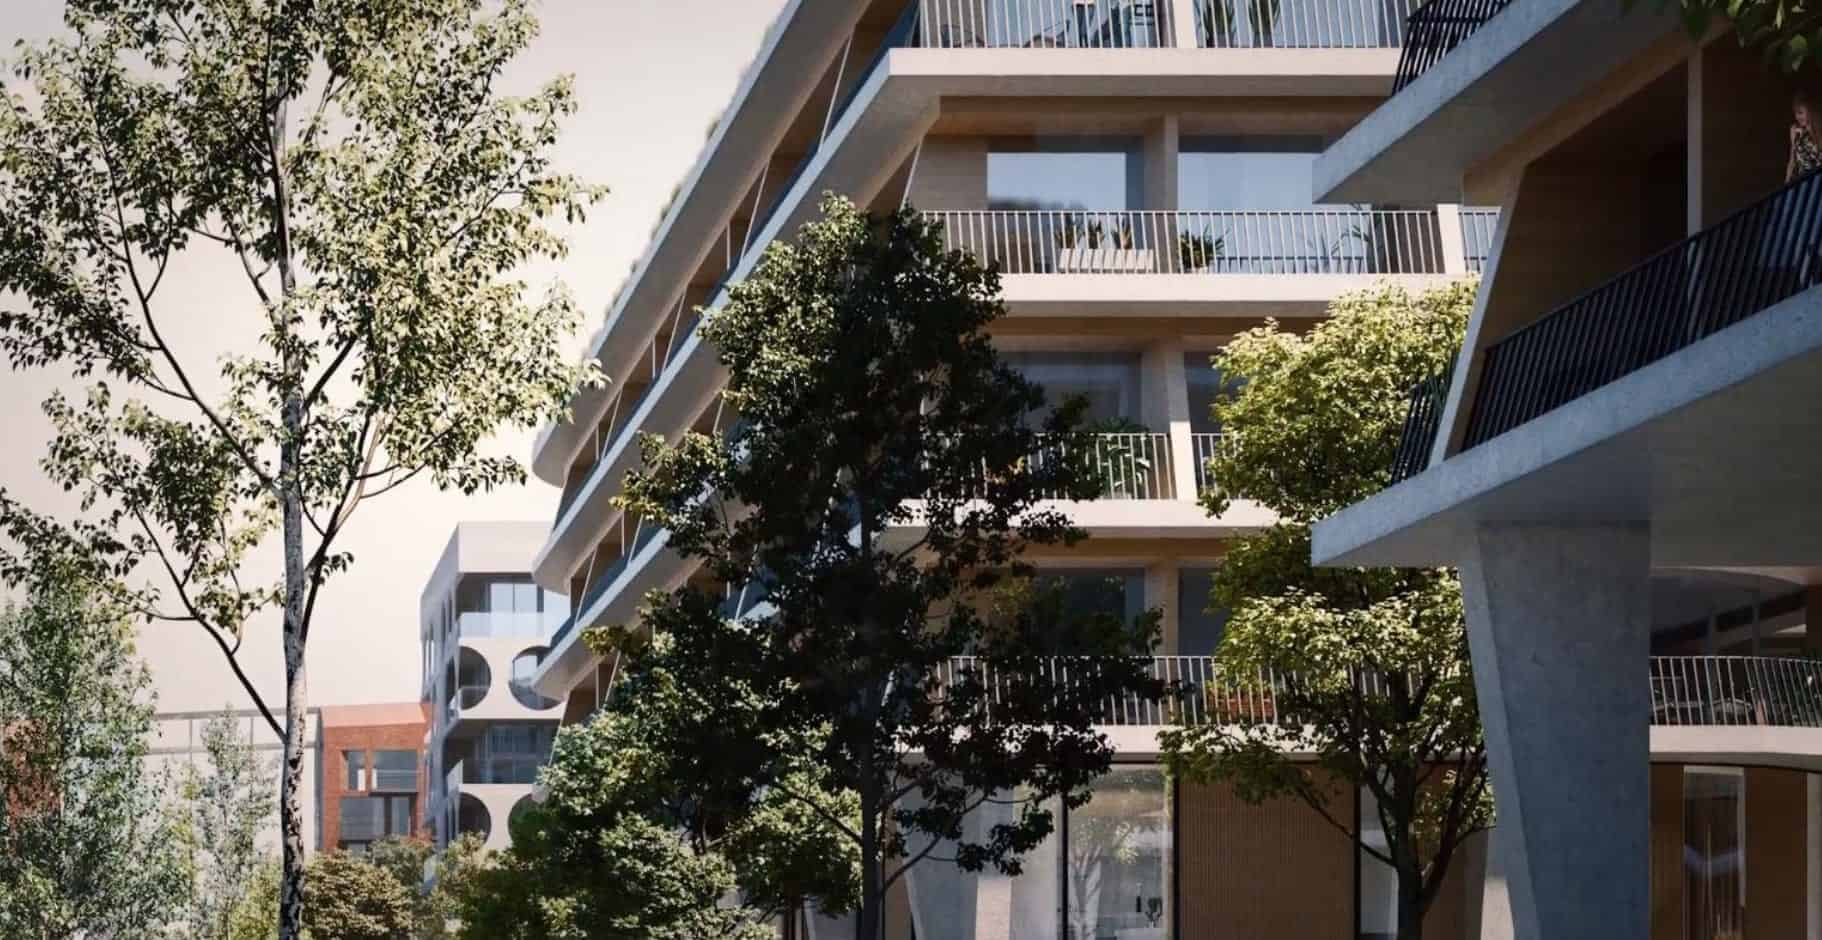 Waterfront Shores Condos Building Side Exterior Balconies True Condos